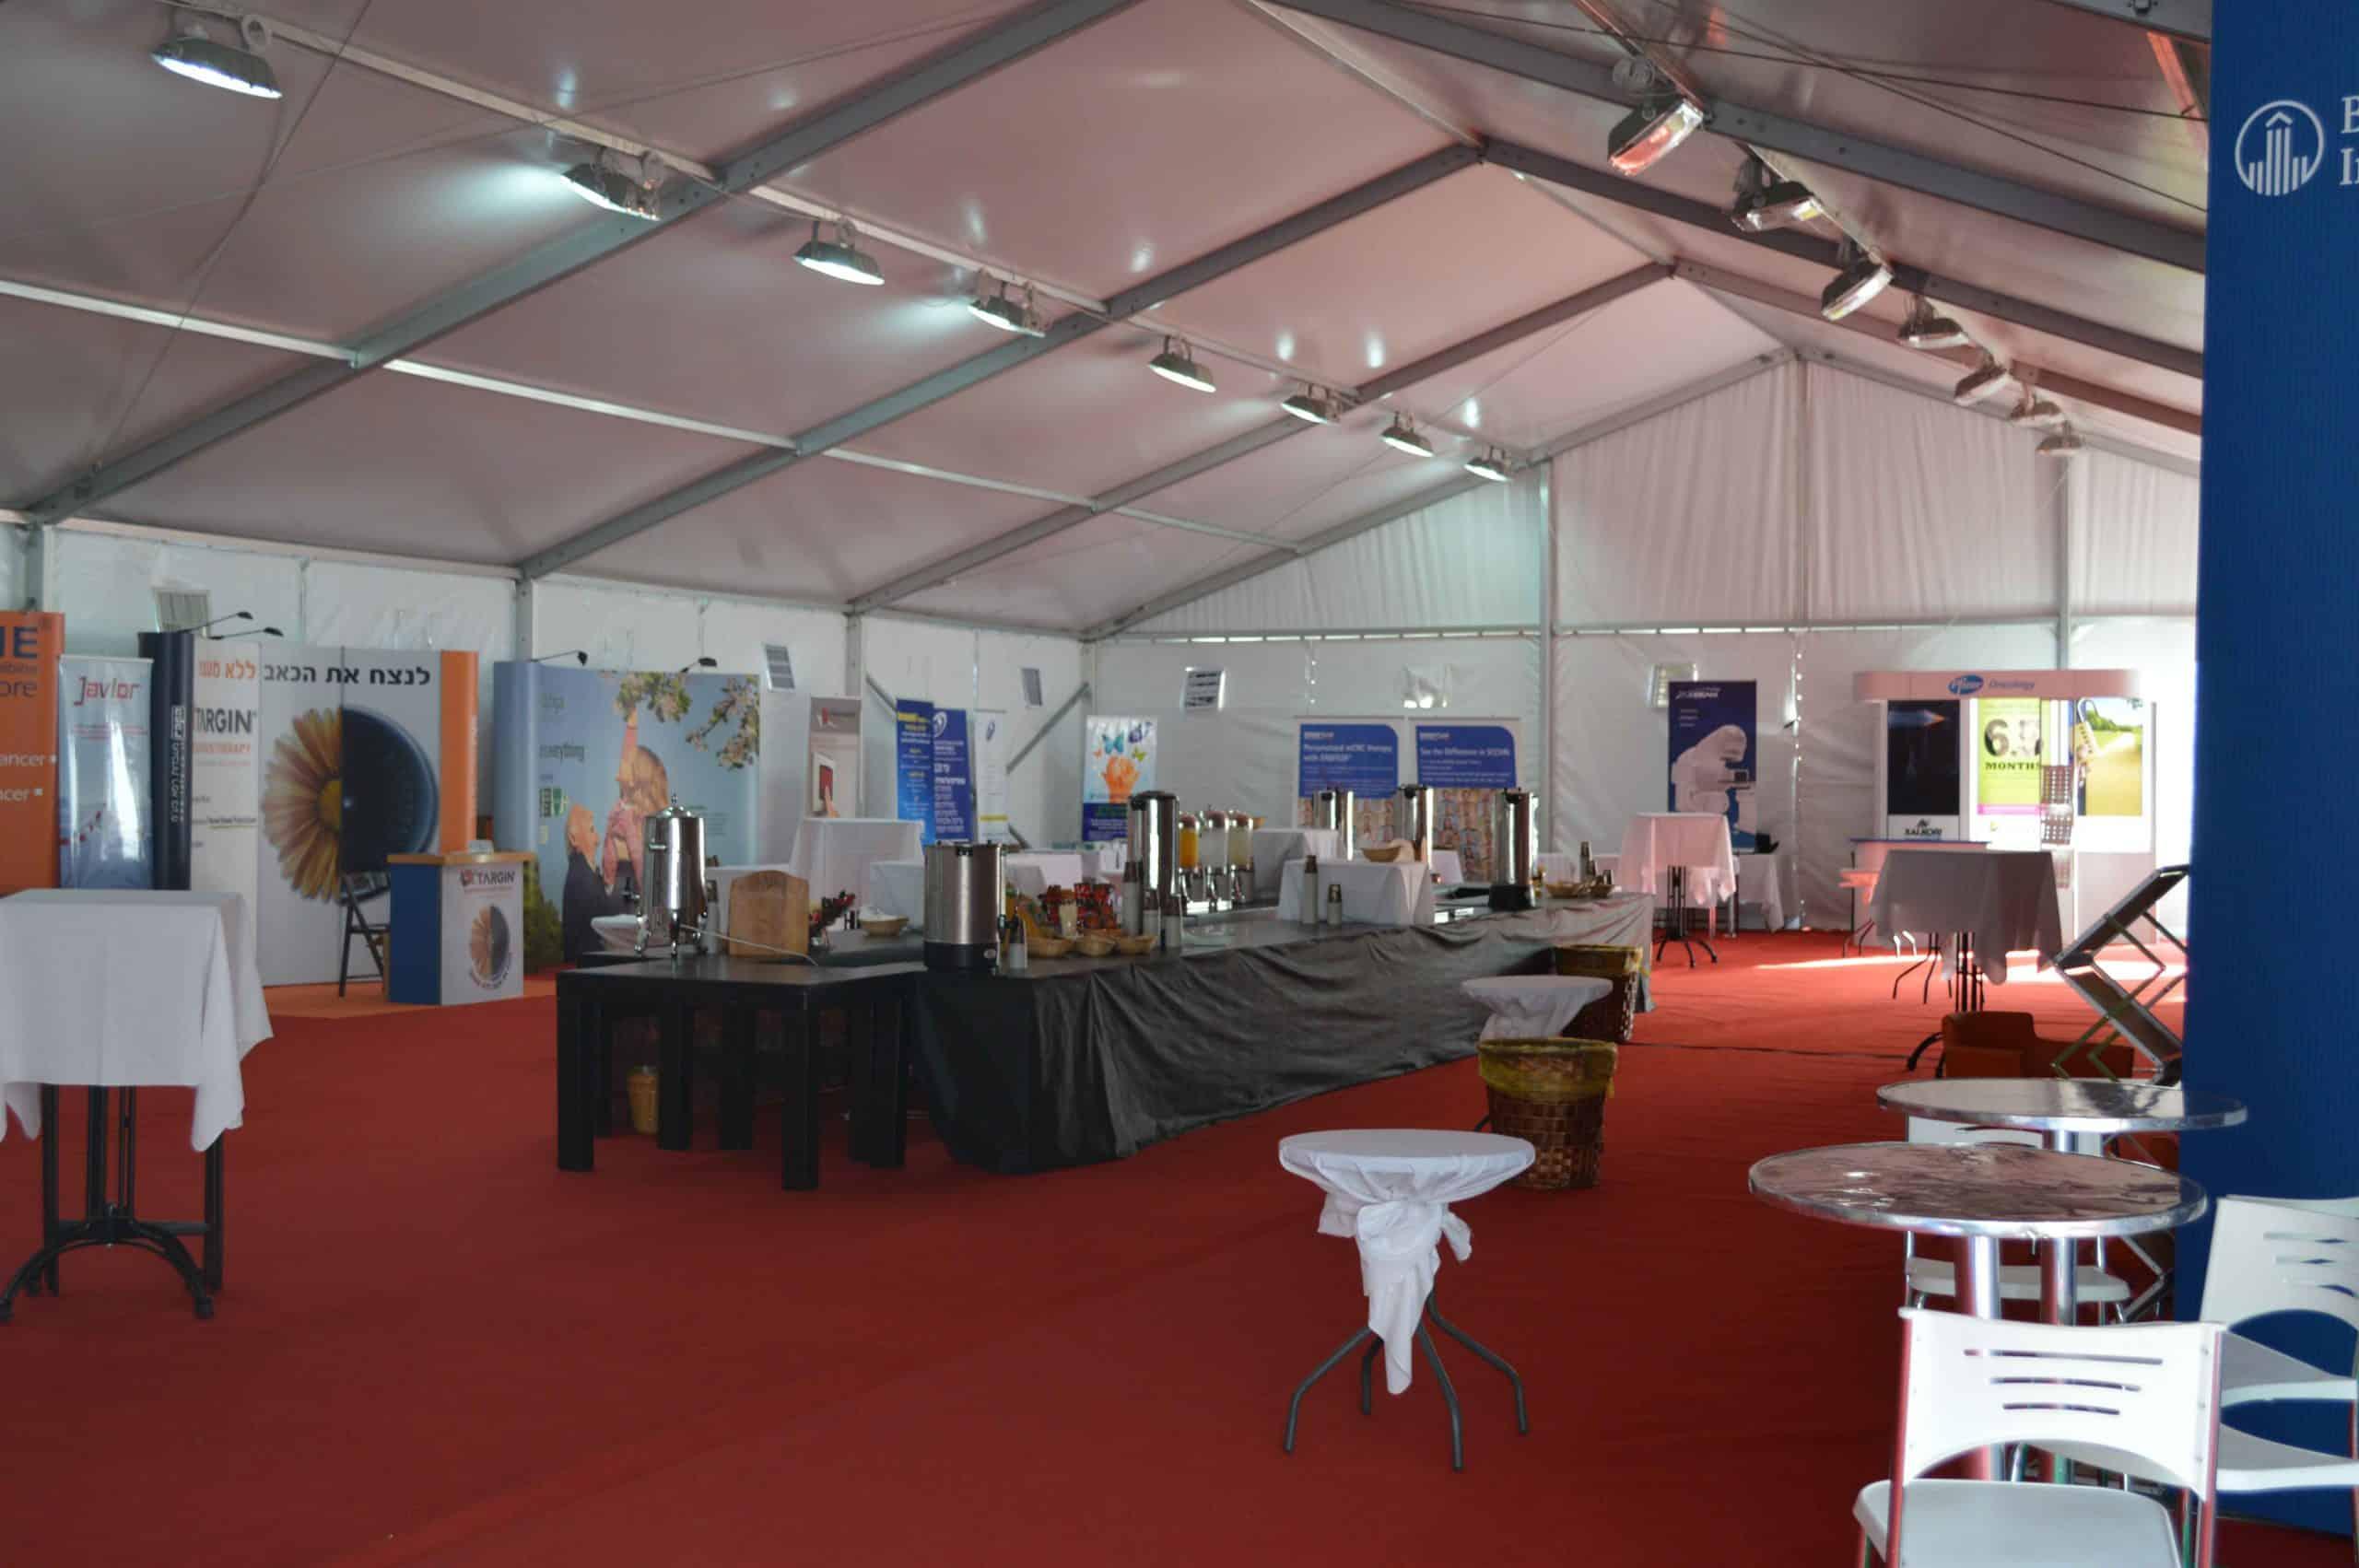 אוהלים ממוזגים להשכרה   מכירה אוהלי נתנוב - השכרת אוהלים